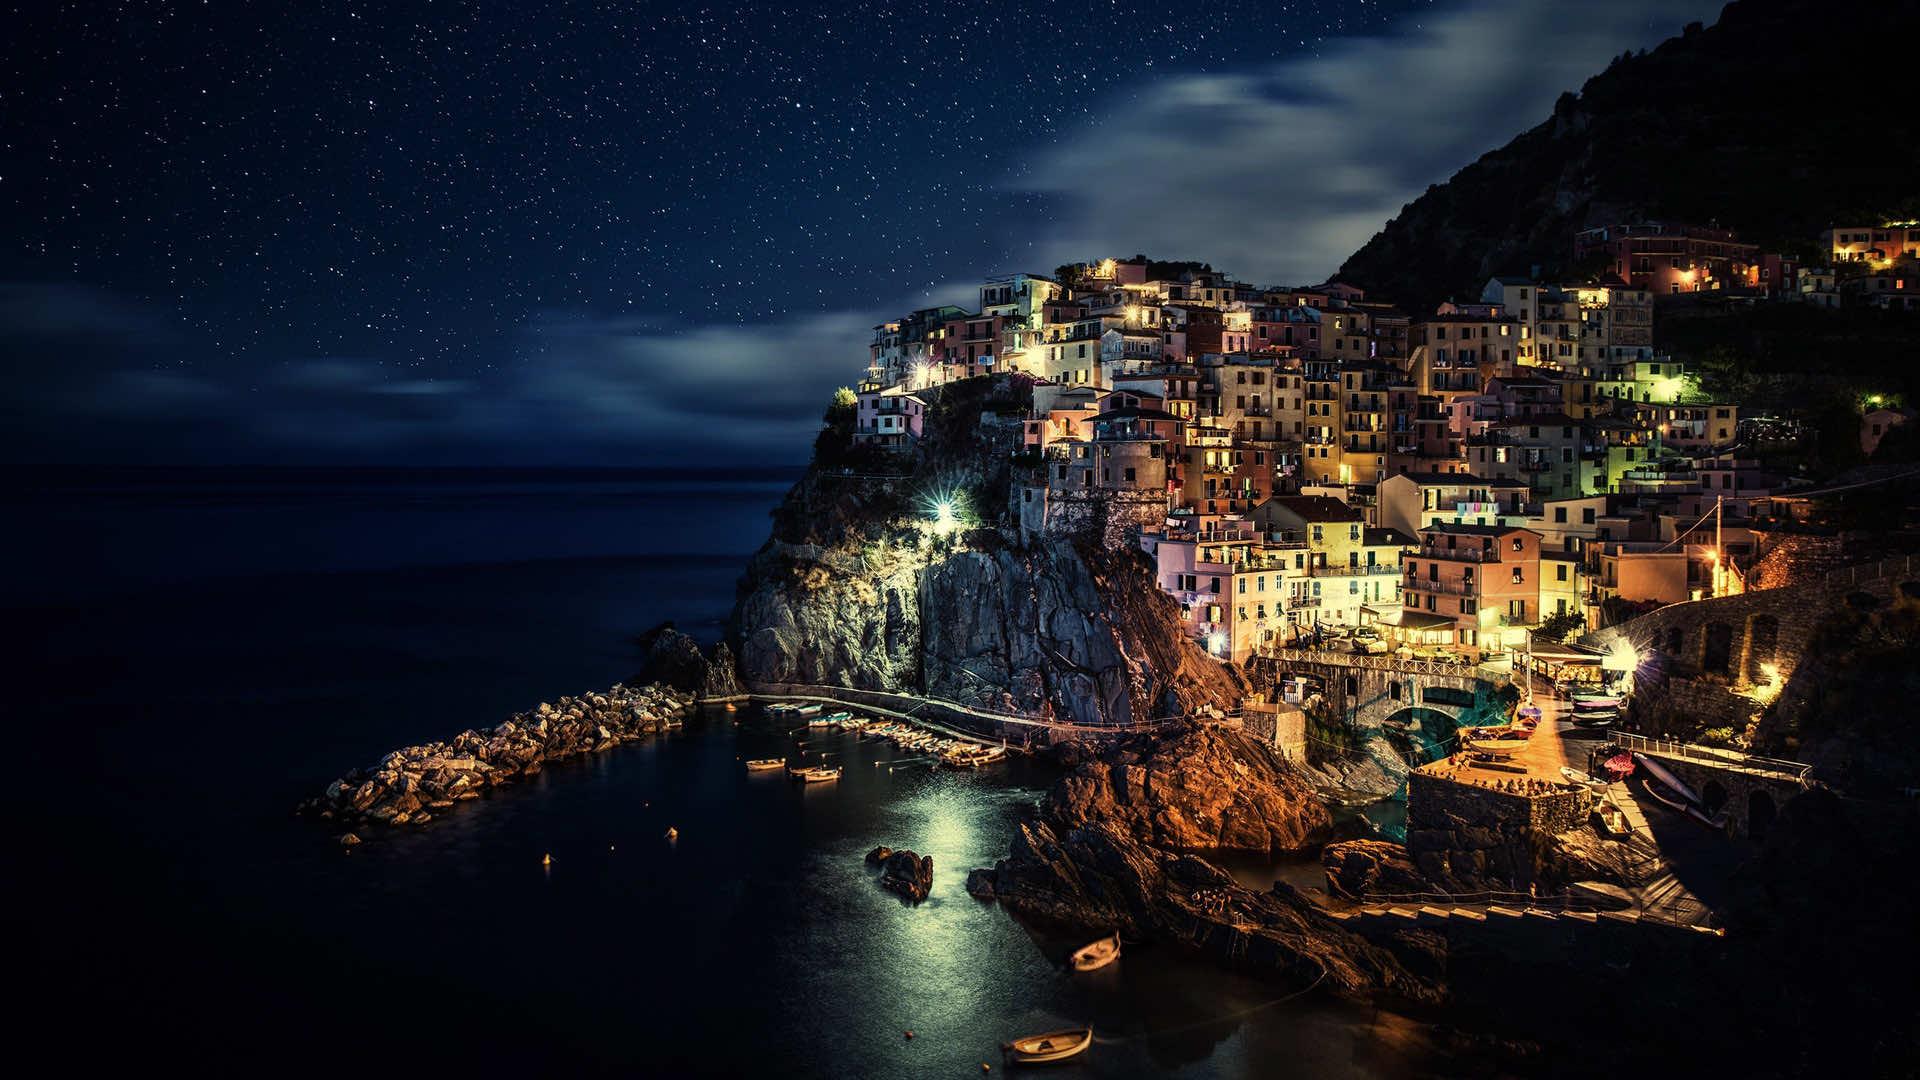 Italy wallpaper 9